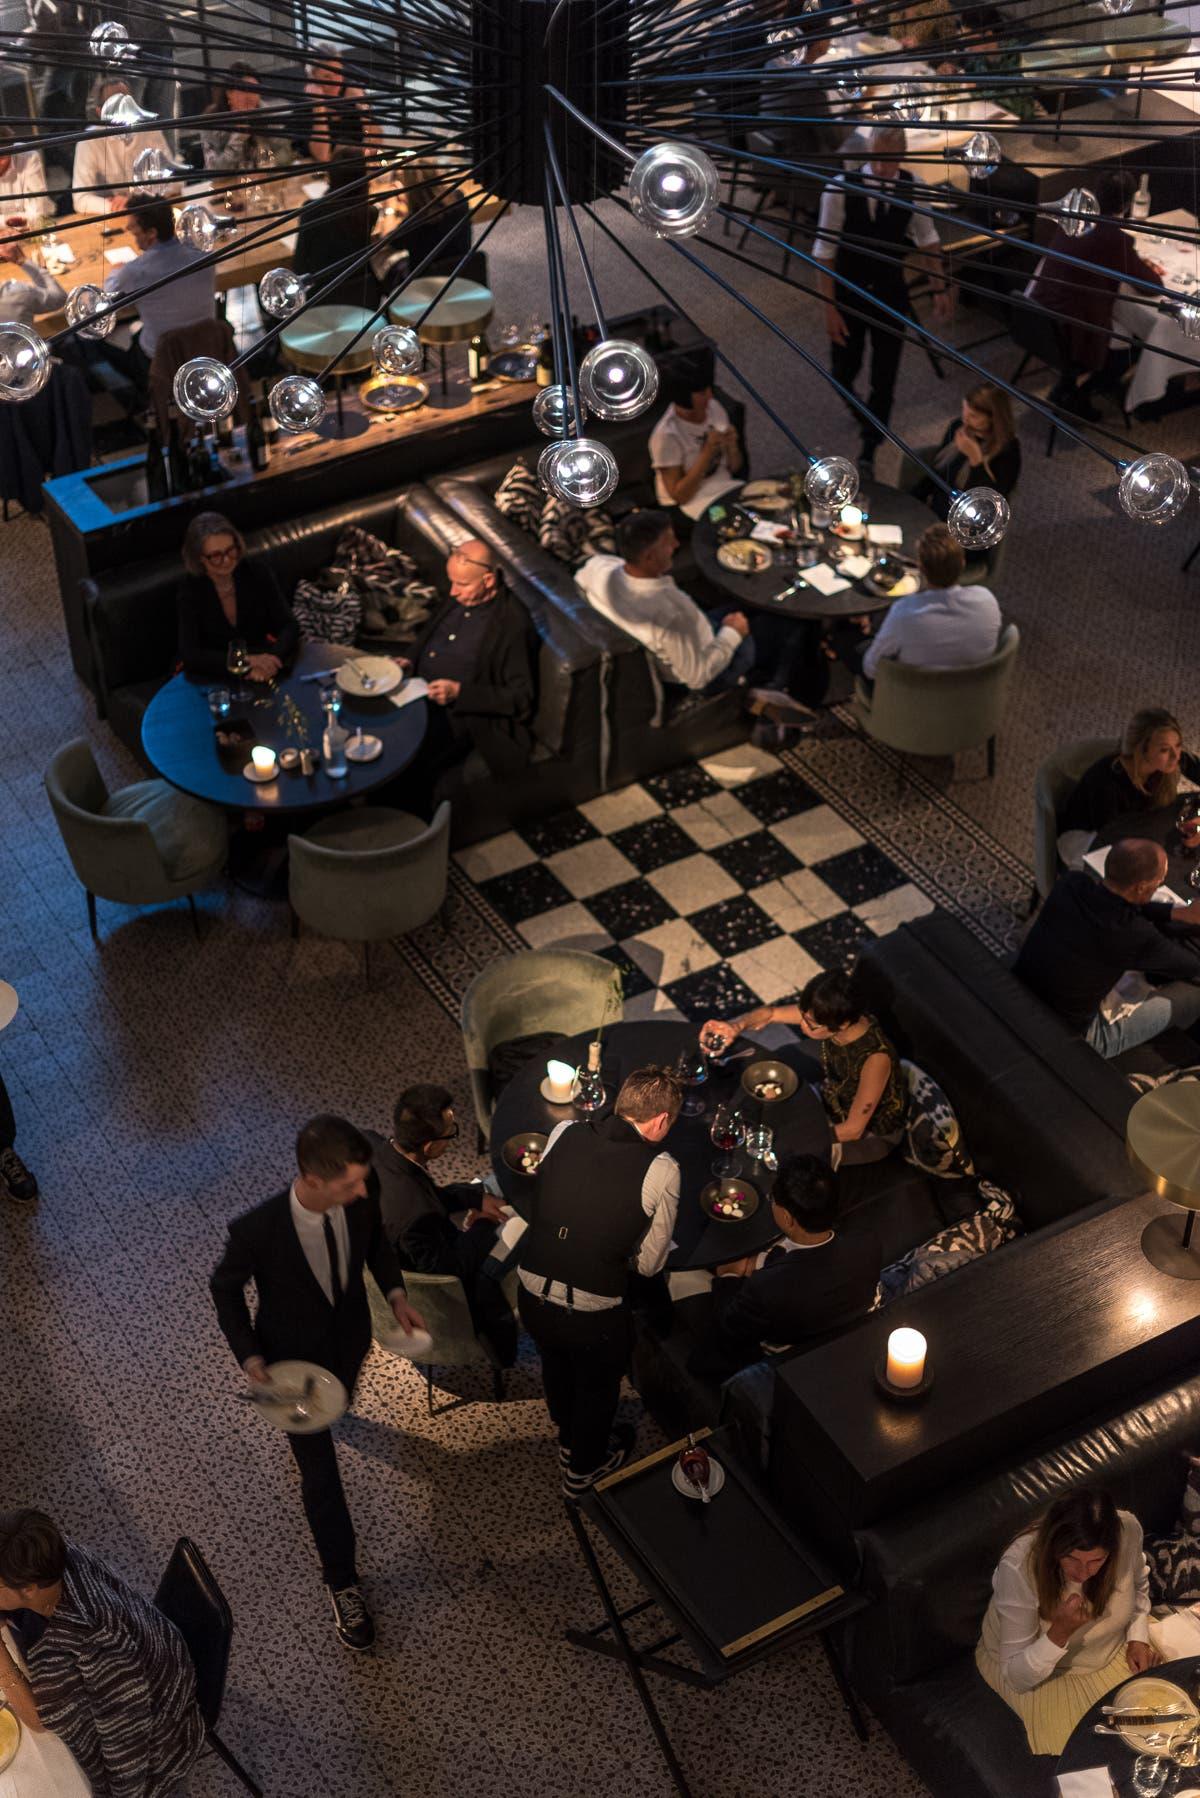 Innenraum einer belgischen Bar von oben